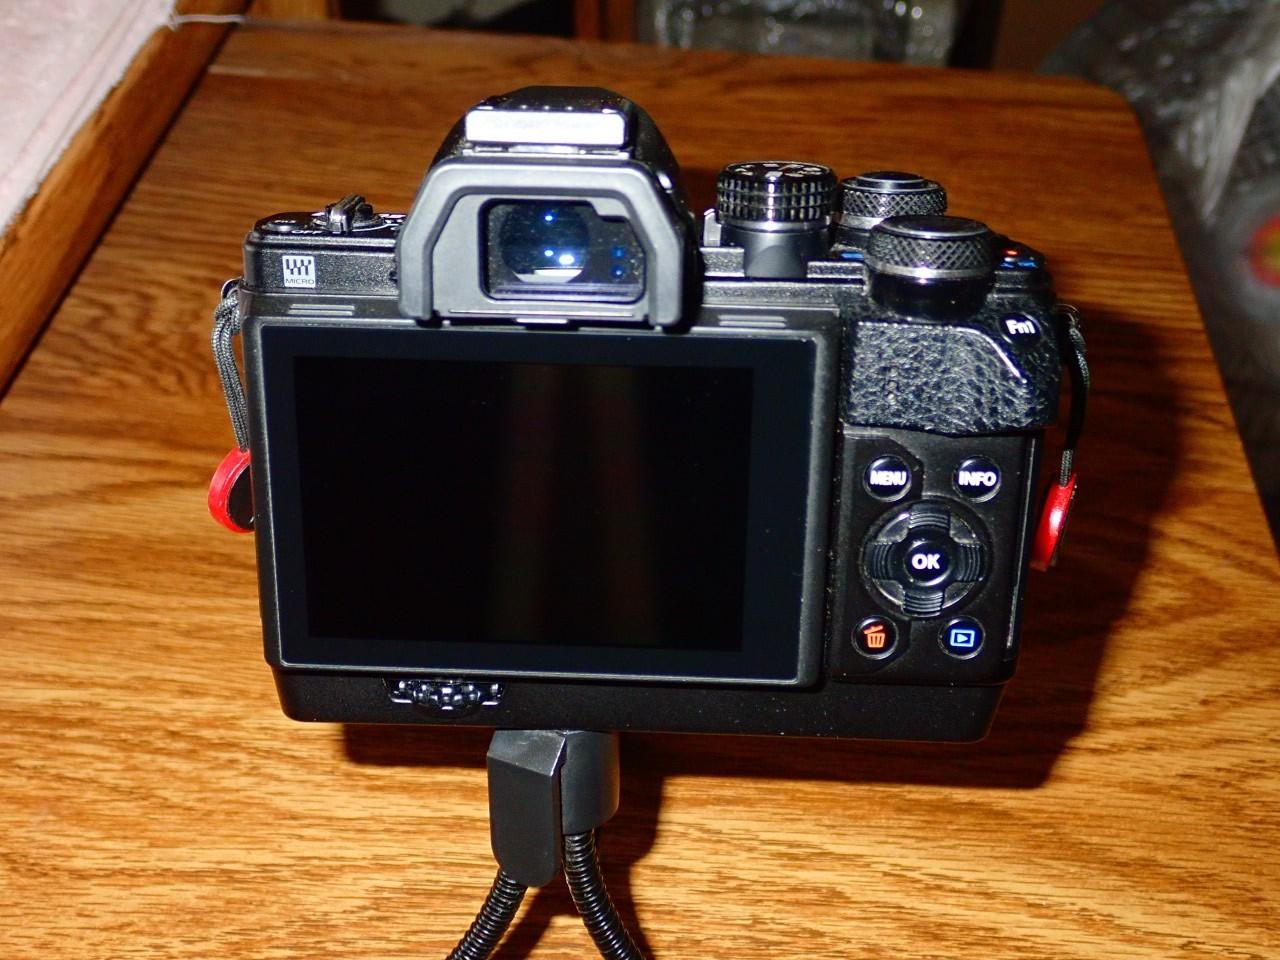 t5250952-jpg.jpg